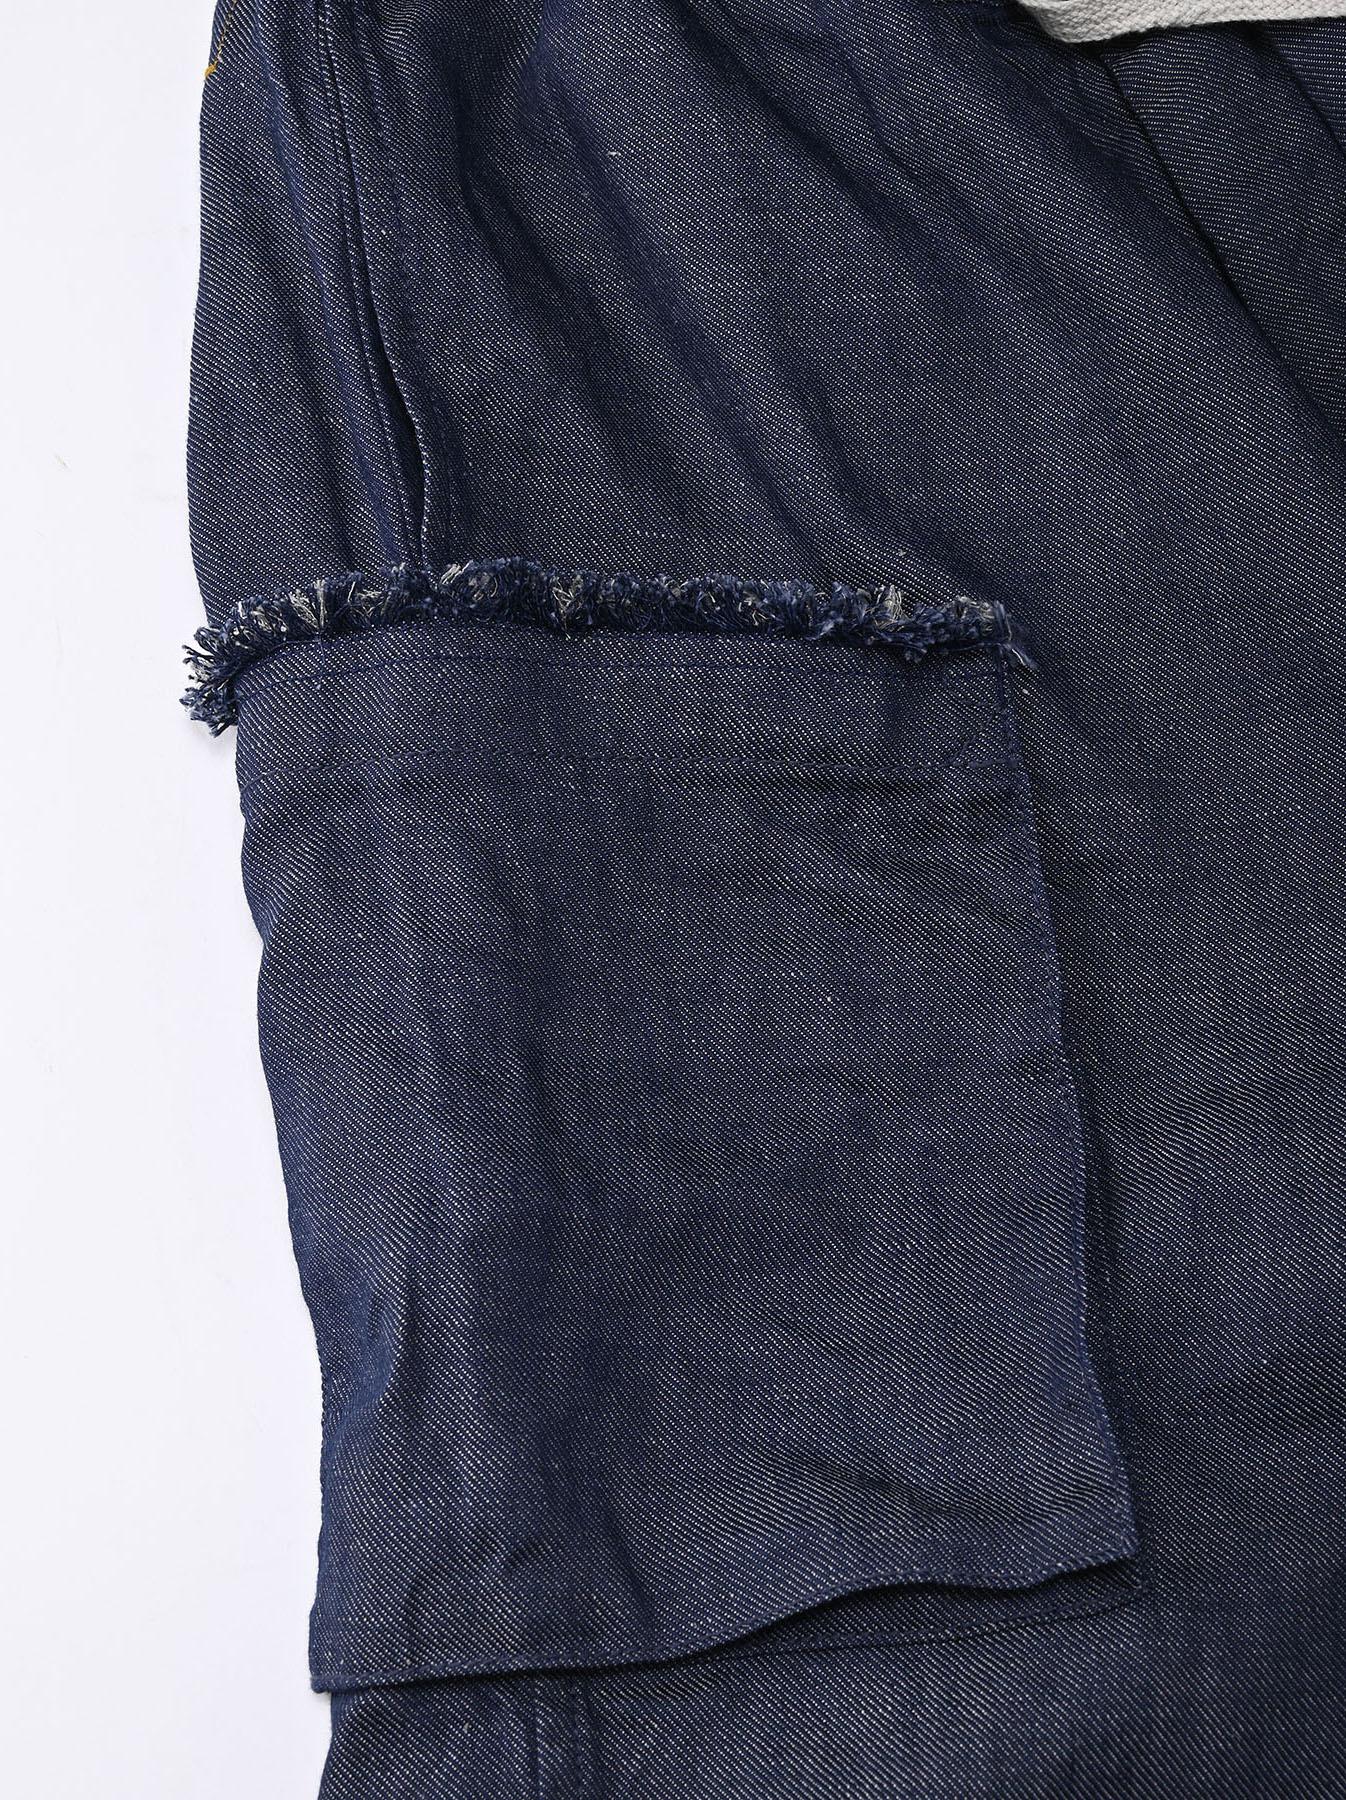 Indigo Cotton Linen Zakkuri Denim Easy Pants (0521)-11